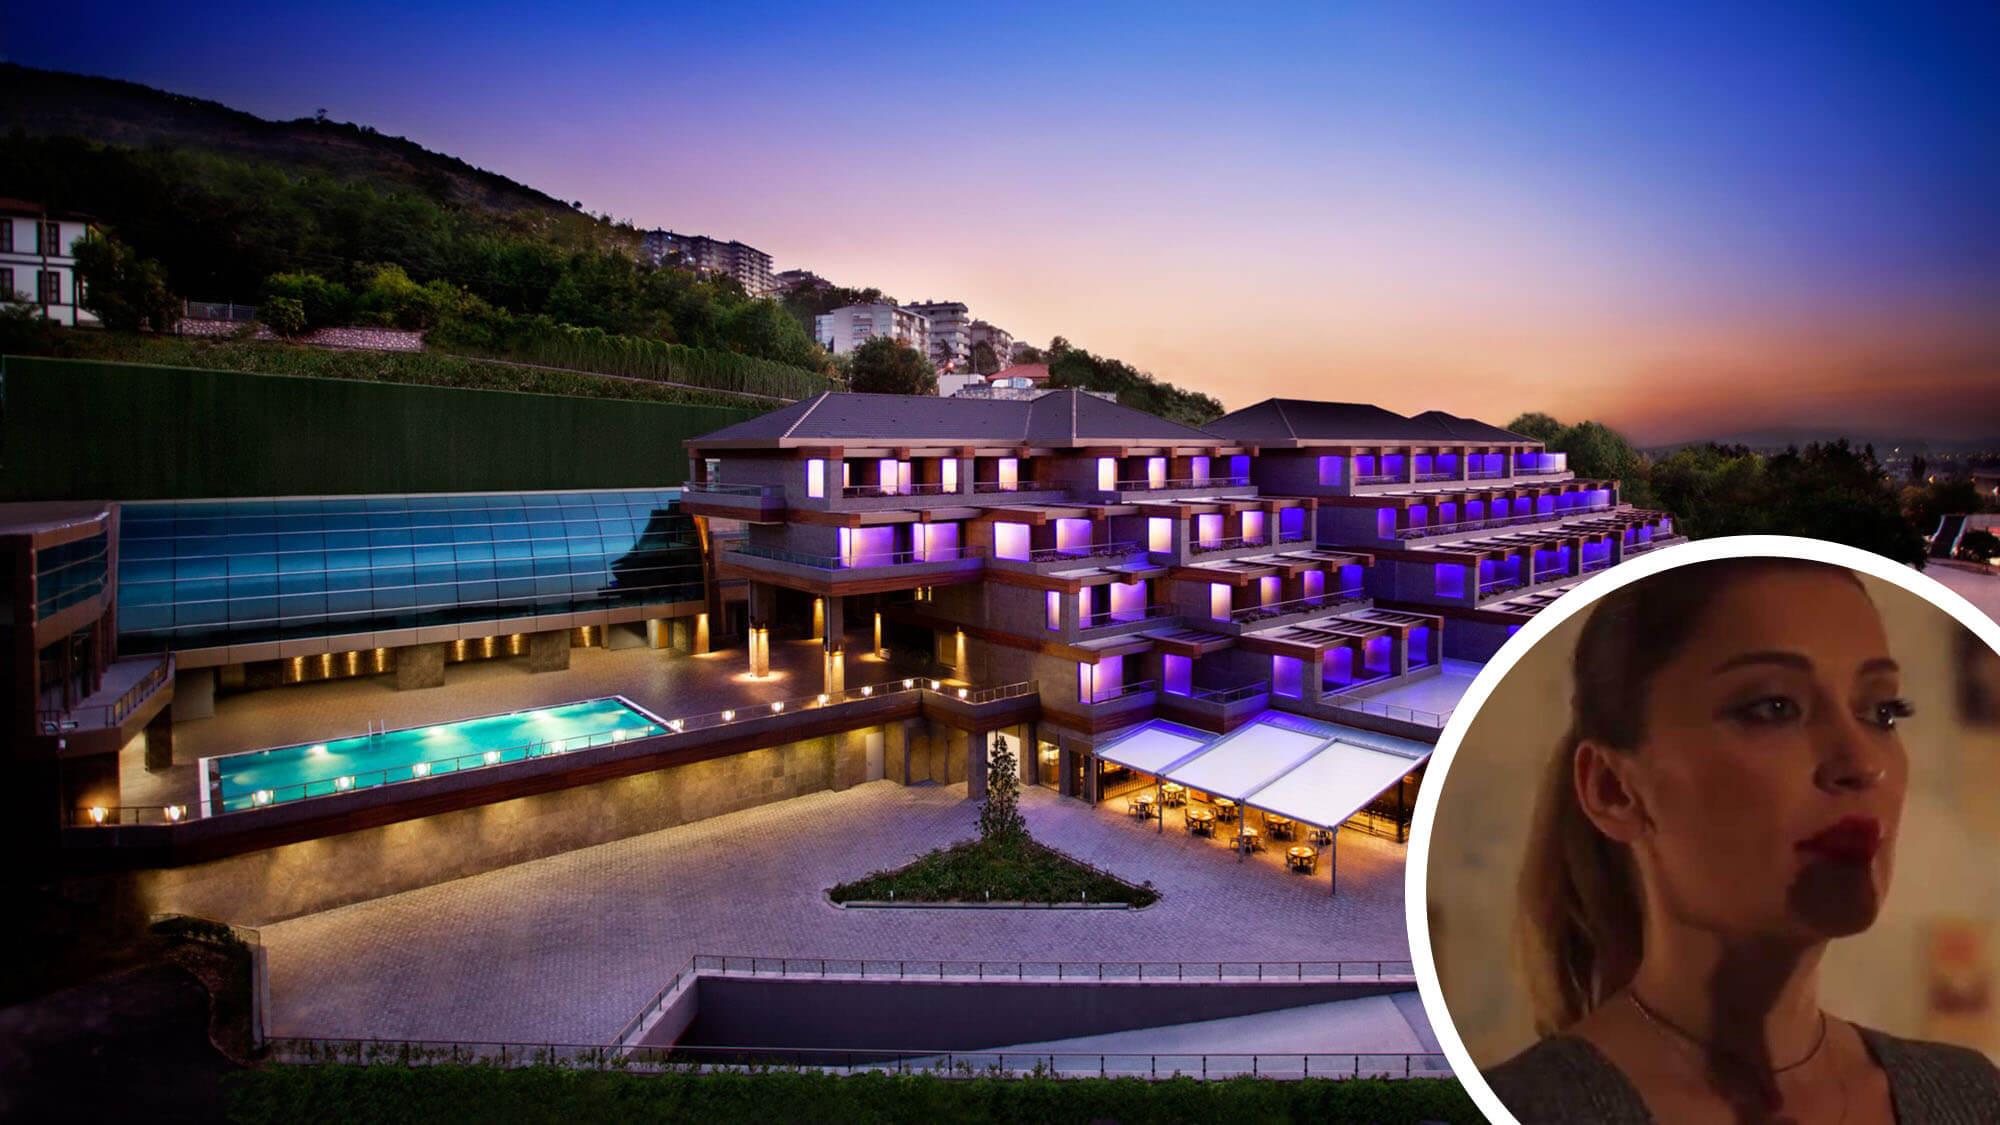 En yi y lba otelleri ve programlar 2018 cesur gezgin for Divan yilbasi sepetleri